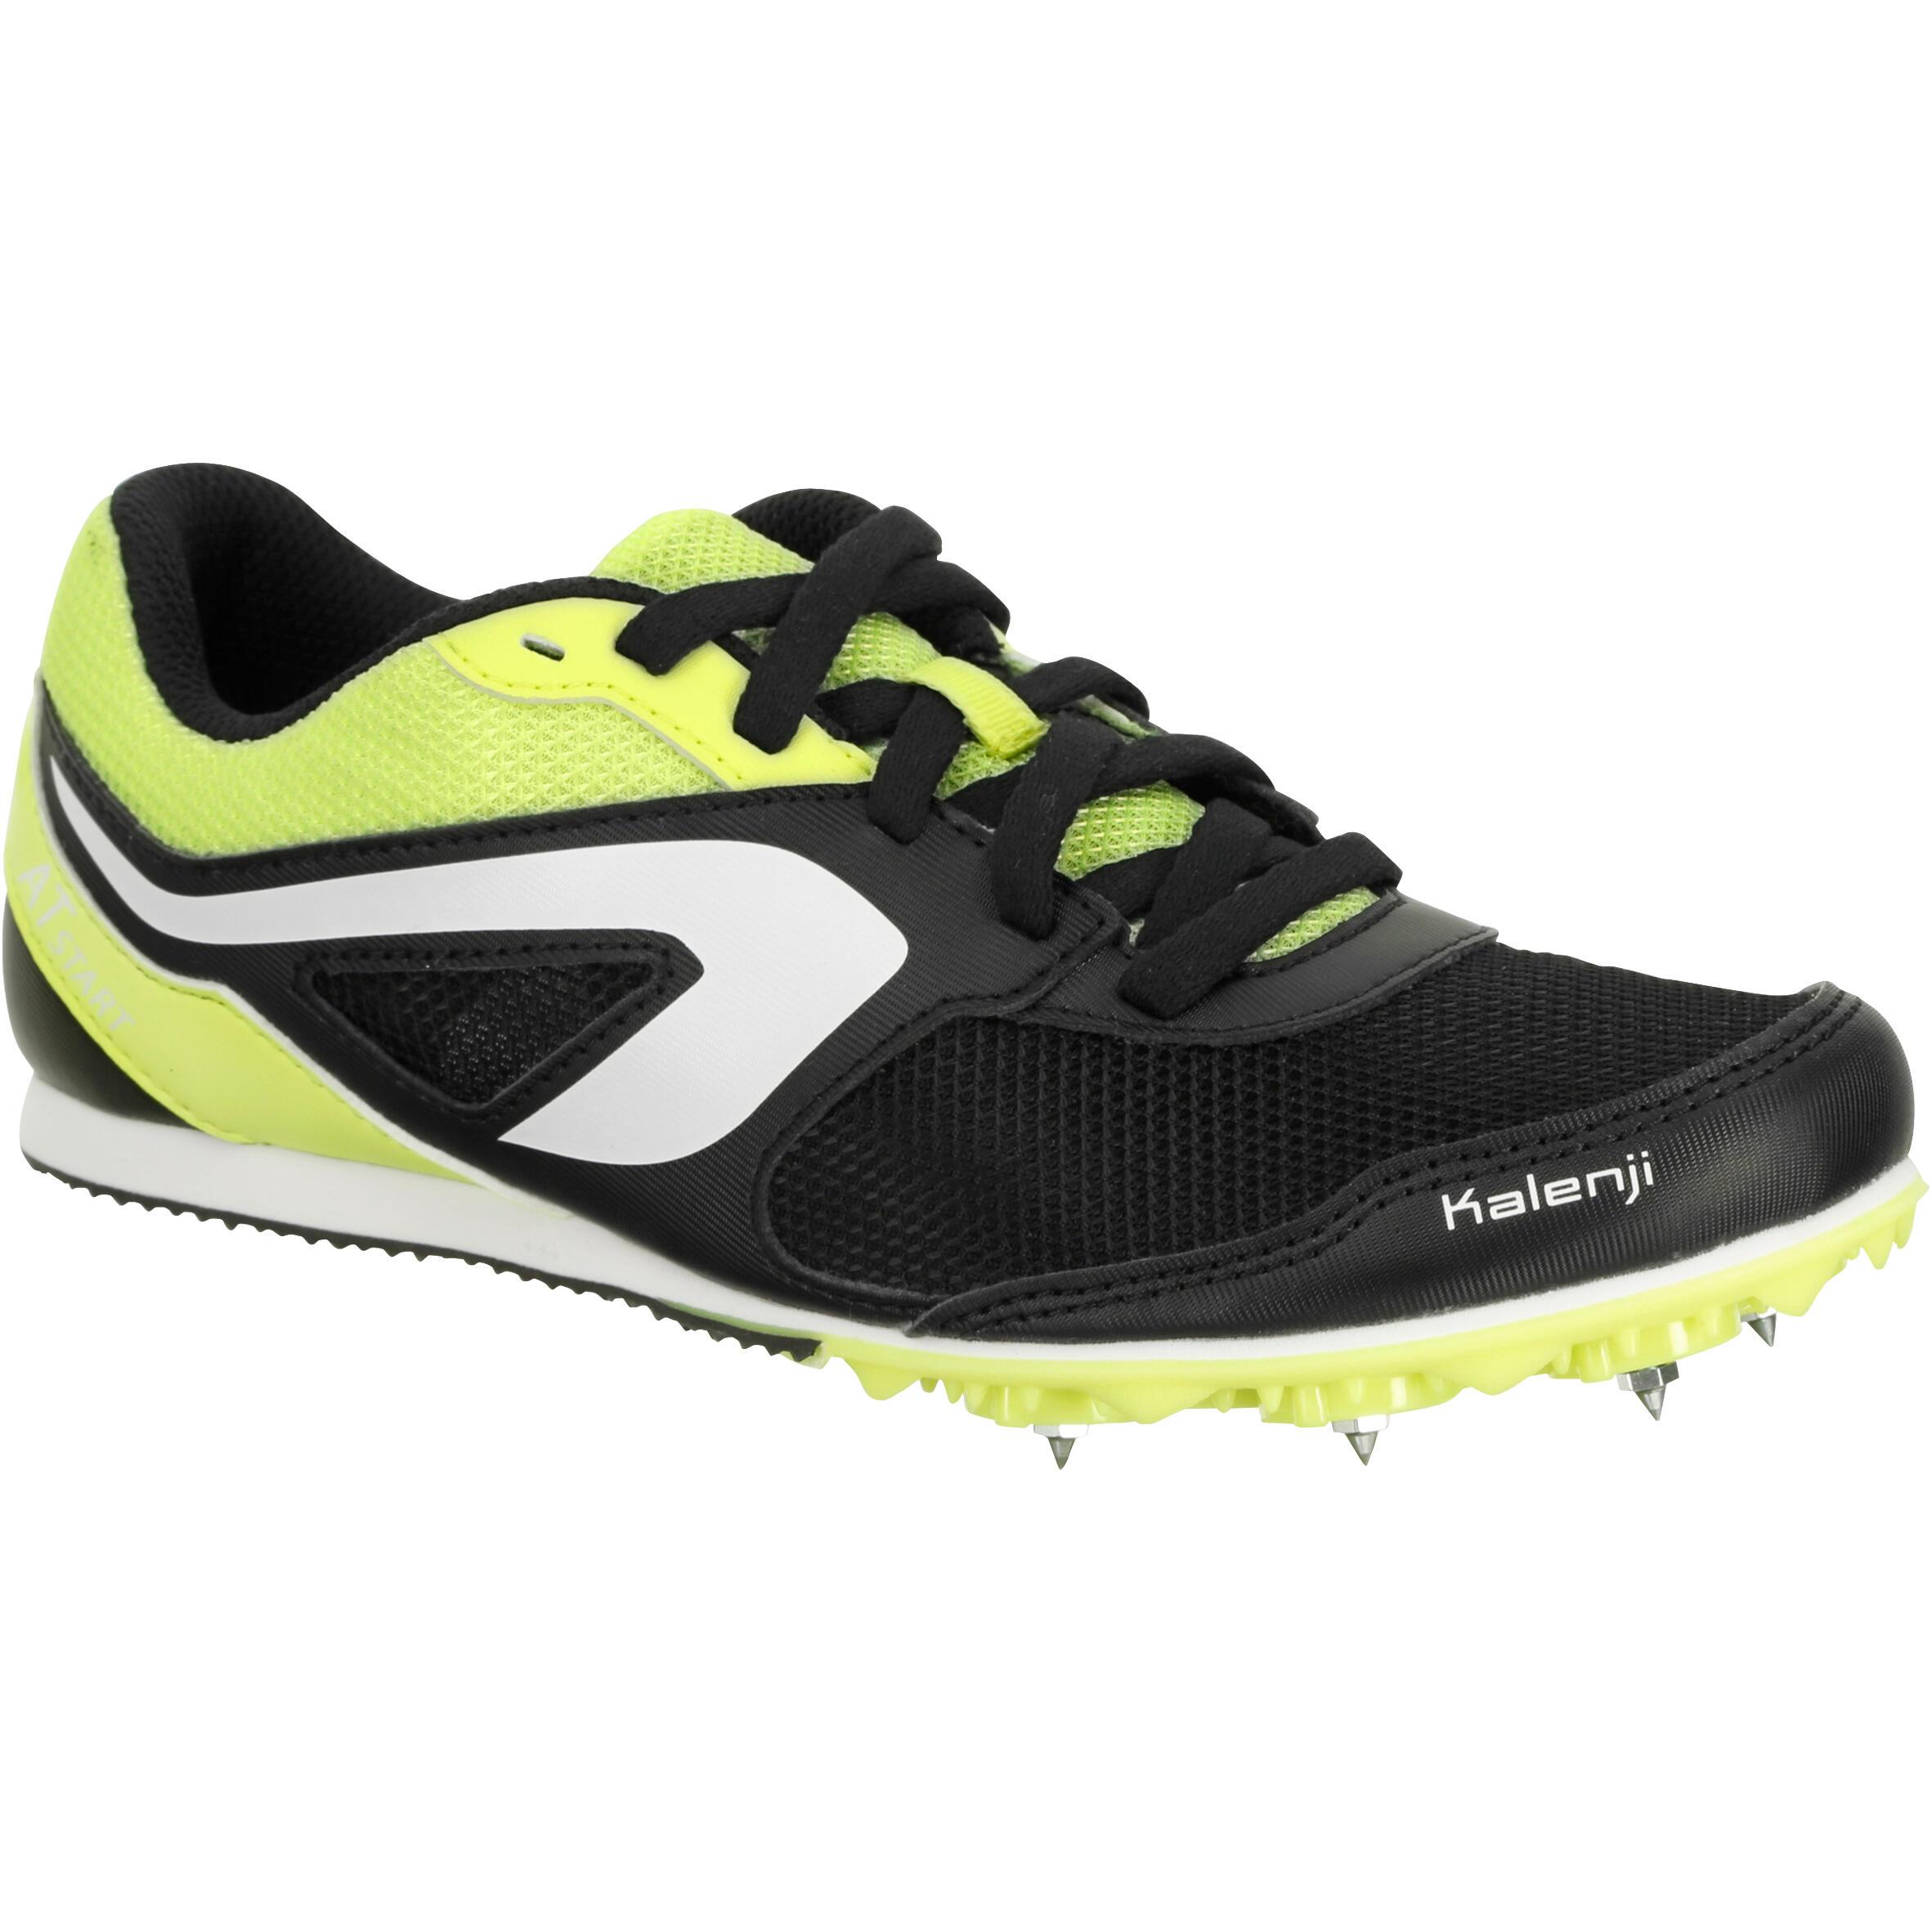 D'athletisme A Polyvalente Noire Pointes Jaune Chaussure Enfant Pkn80Ow